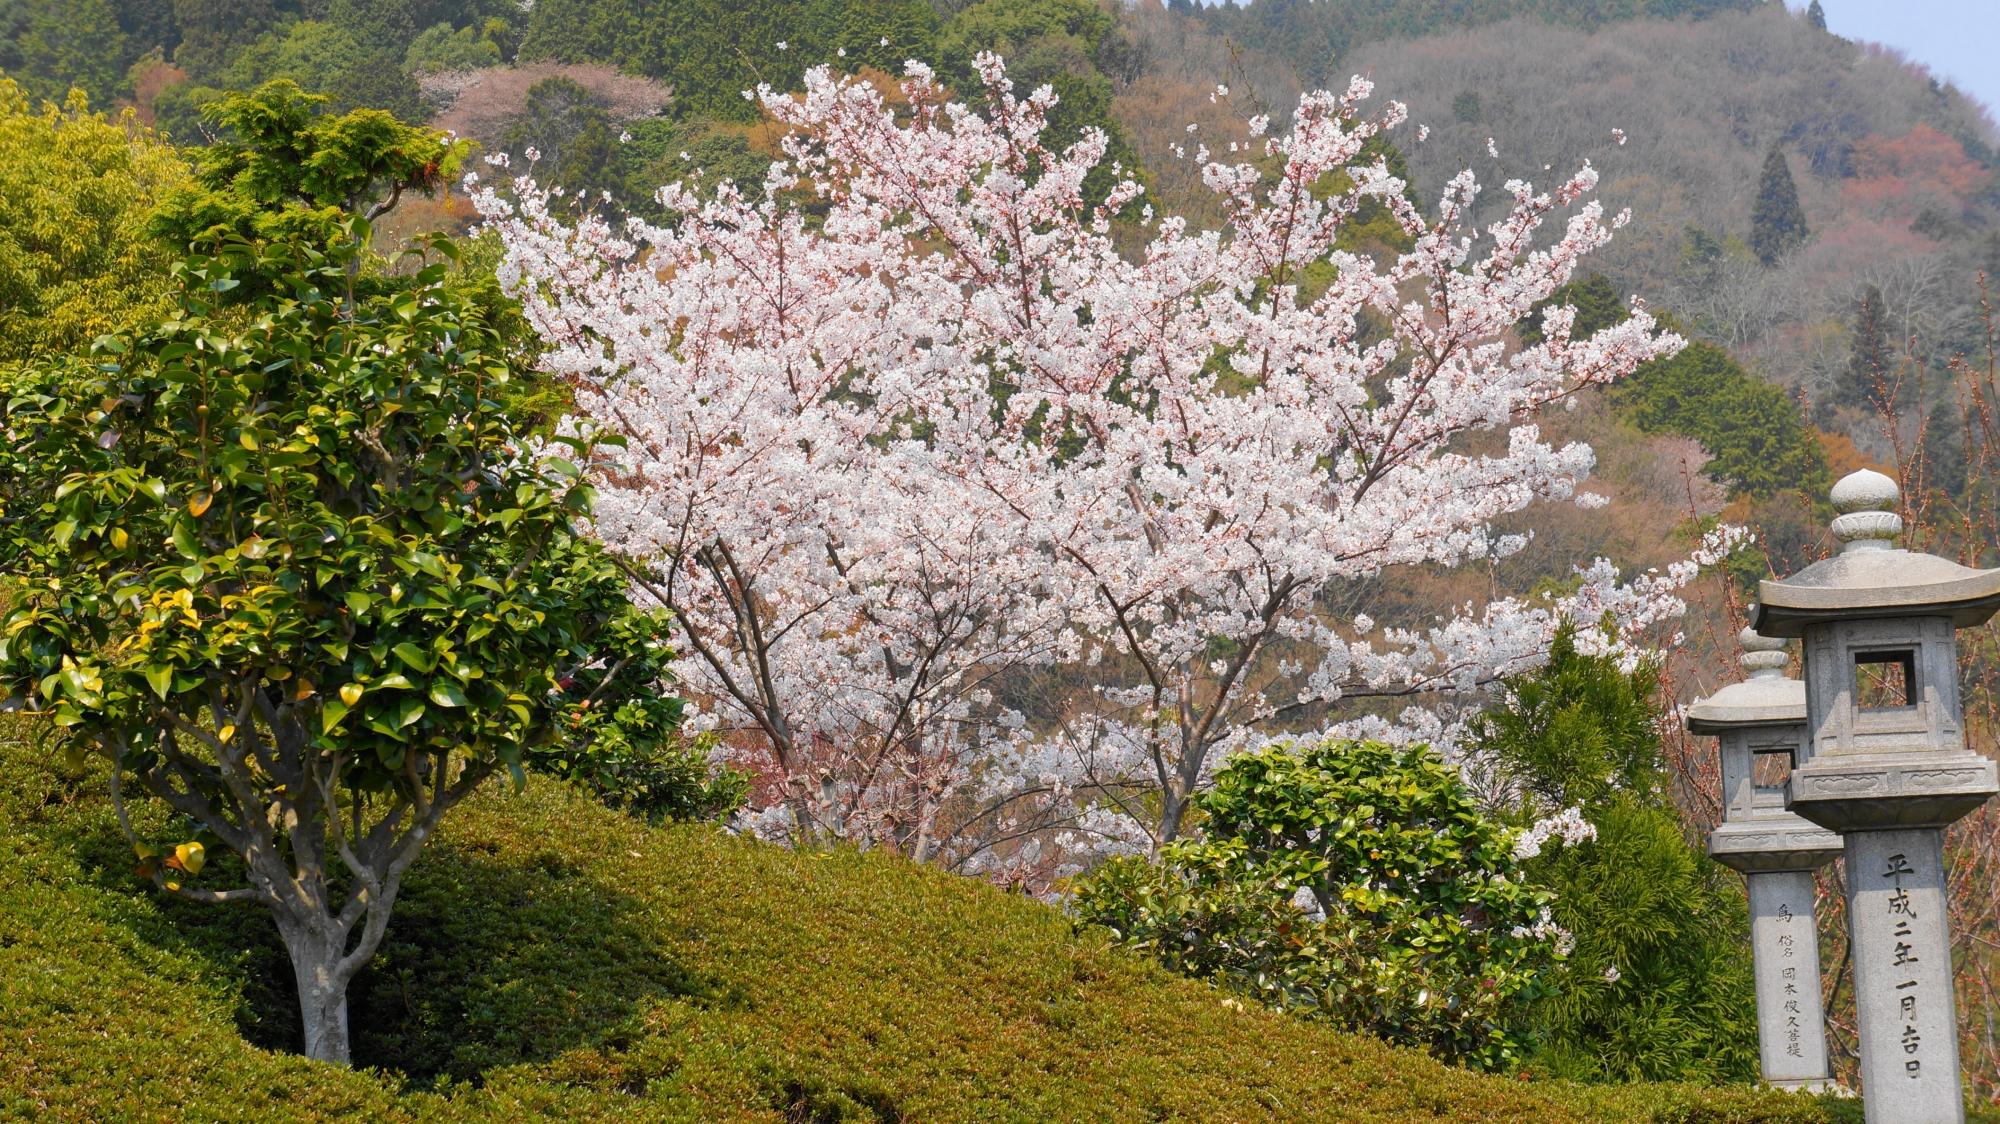 蟷螂が演出する山々を染める華やかな桜